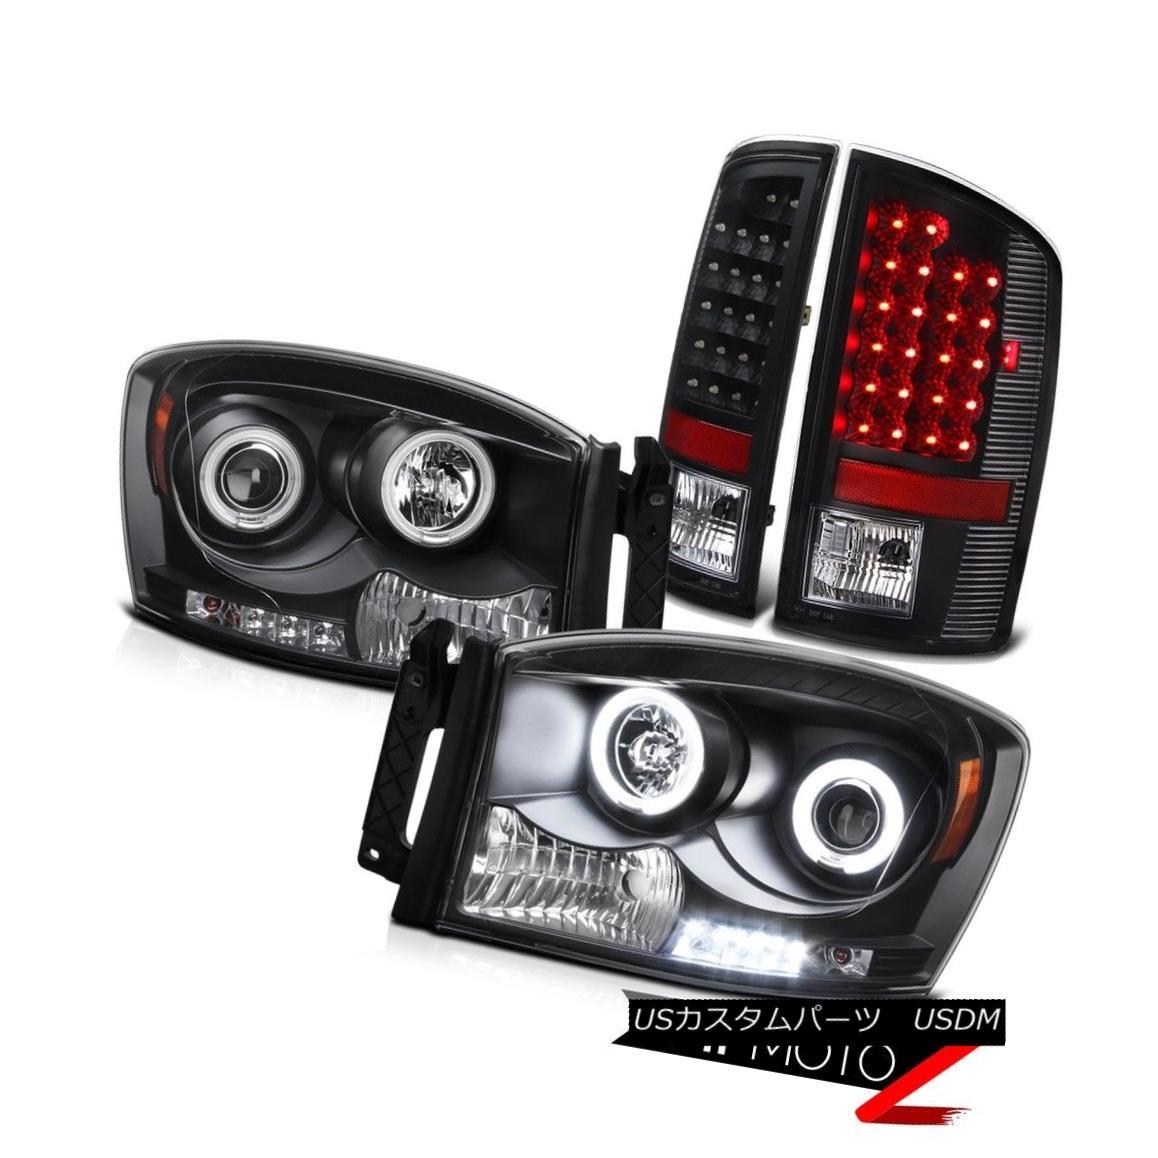 テールライト 2006 Dodge RAM Black HaLO Projector Headlight+Smoke LED Tail Light L+R Assembly 2006ダッジRAMブラックHaLOプロジェクターヘッドライト+スモーク e LEDテールライトL + Rアセンブリ